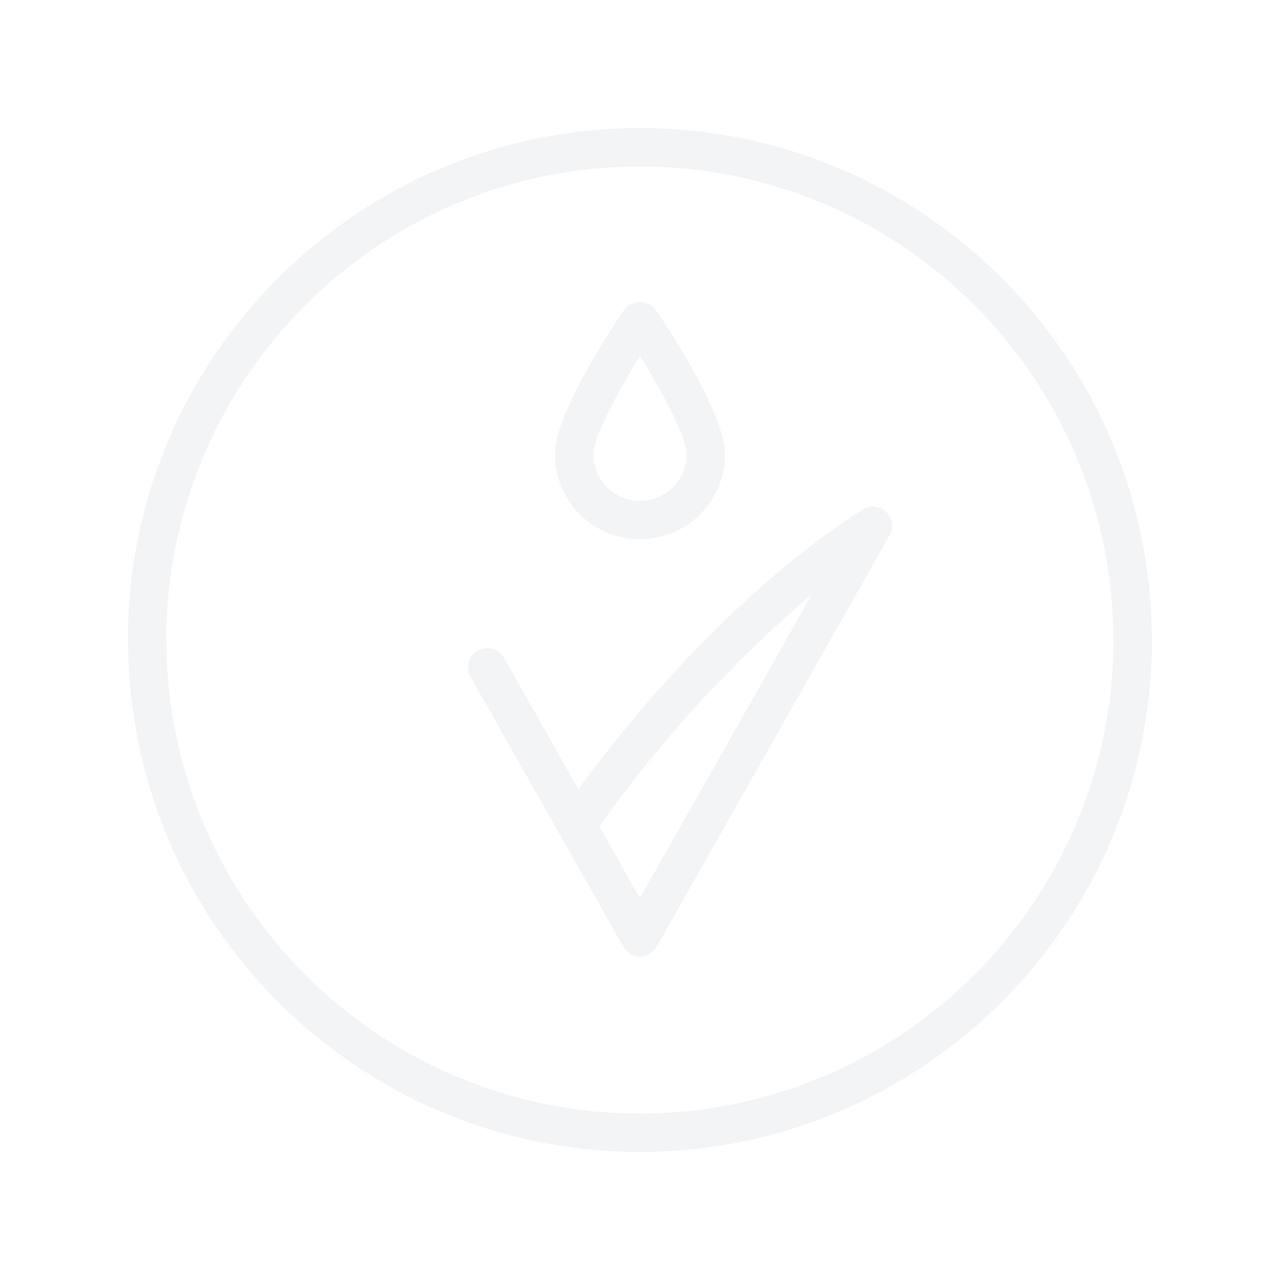 Eylure Pre-Glued Brow Shapers